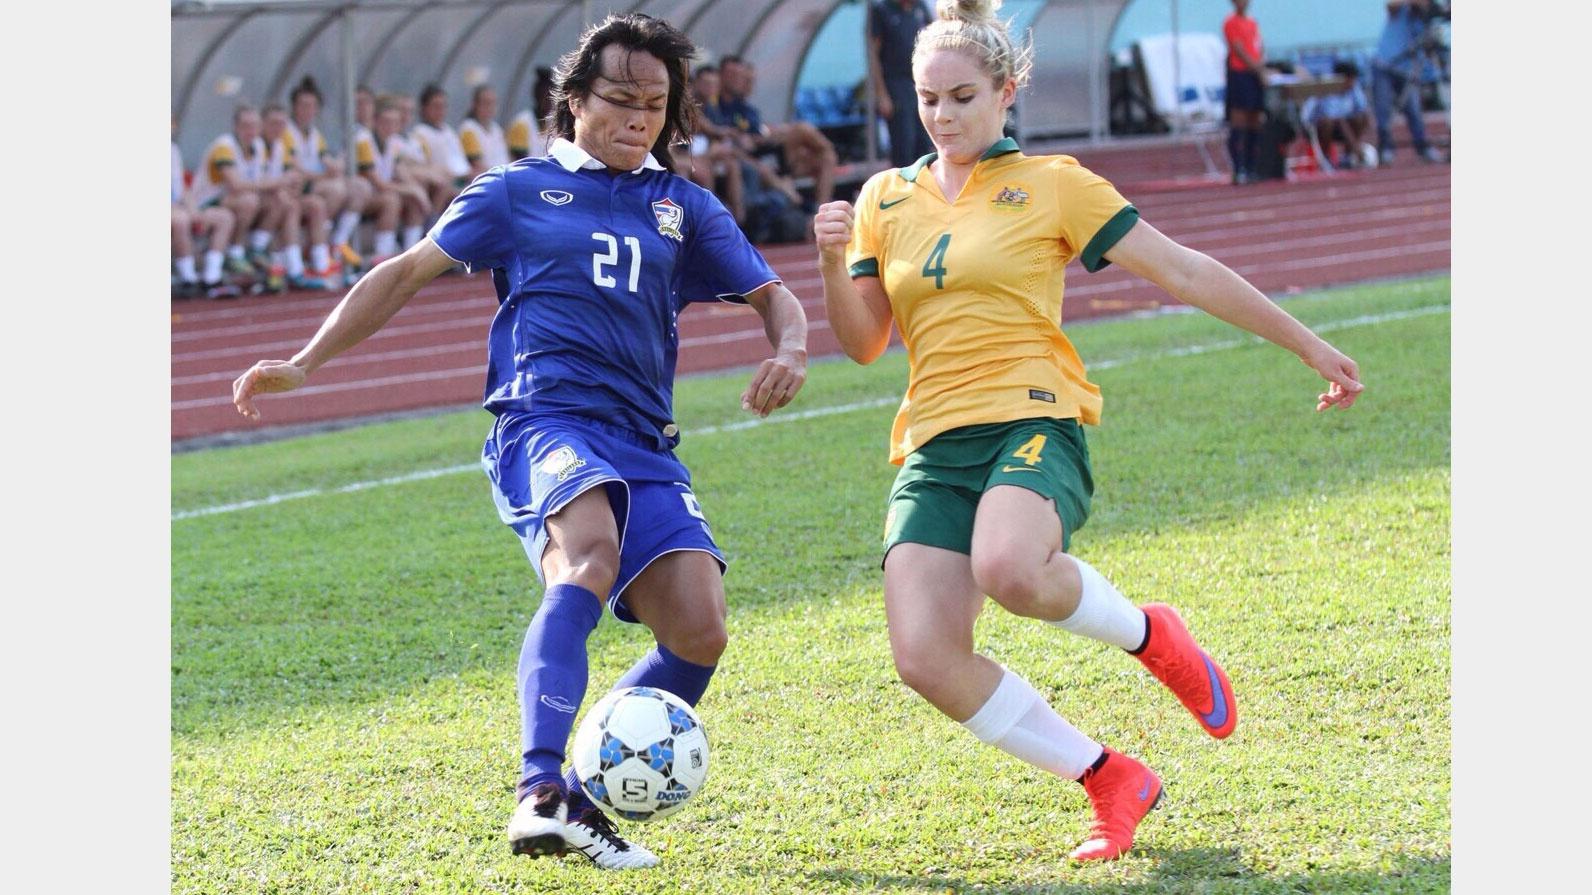 บอลหญิงทีมชาติไทย พ่าย ออสเตรเลีย เผยเสียจุดโทษบุกไม่ขึ้น